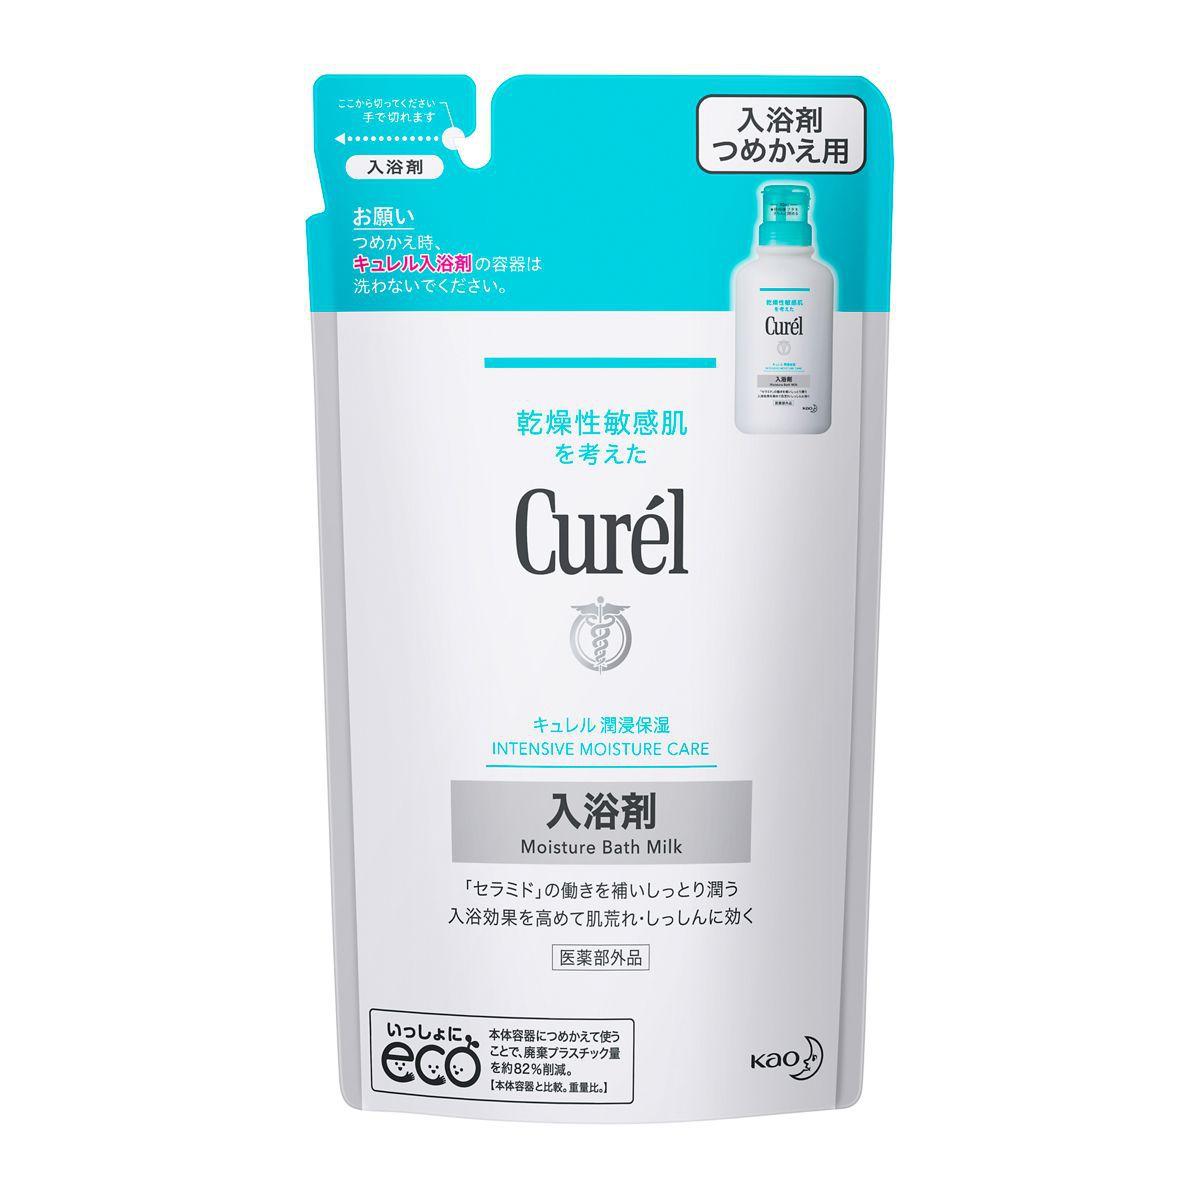 花王キュレル 入浴剤 つめかえ用360ML(医薬部外品)のバリエーション1